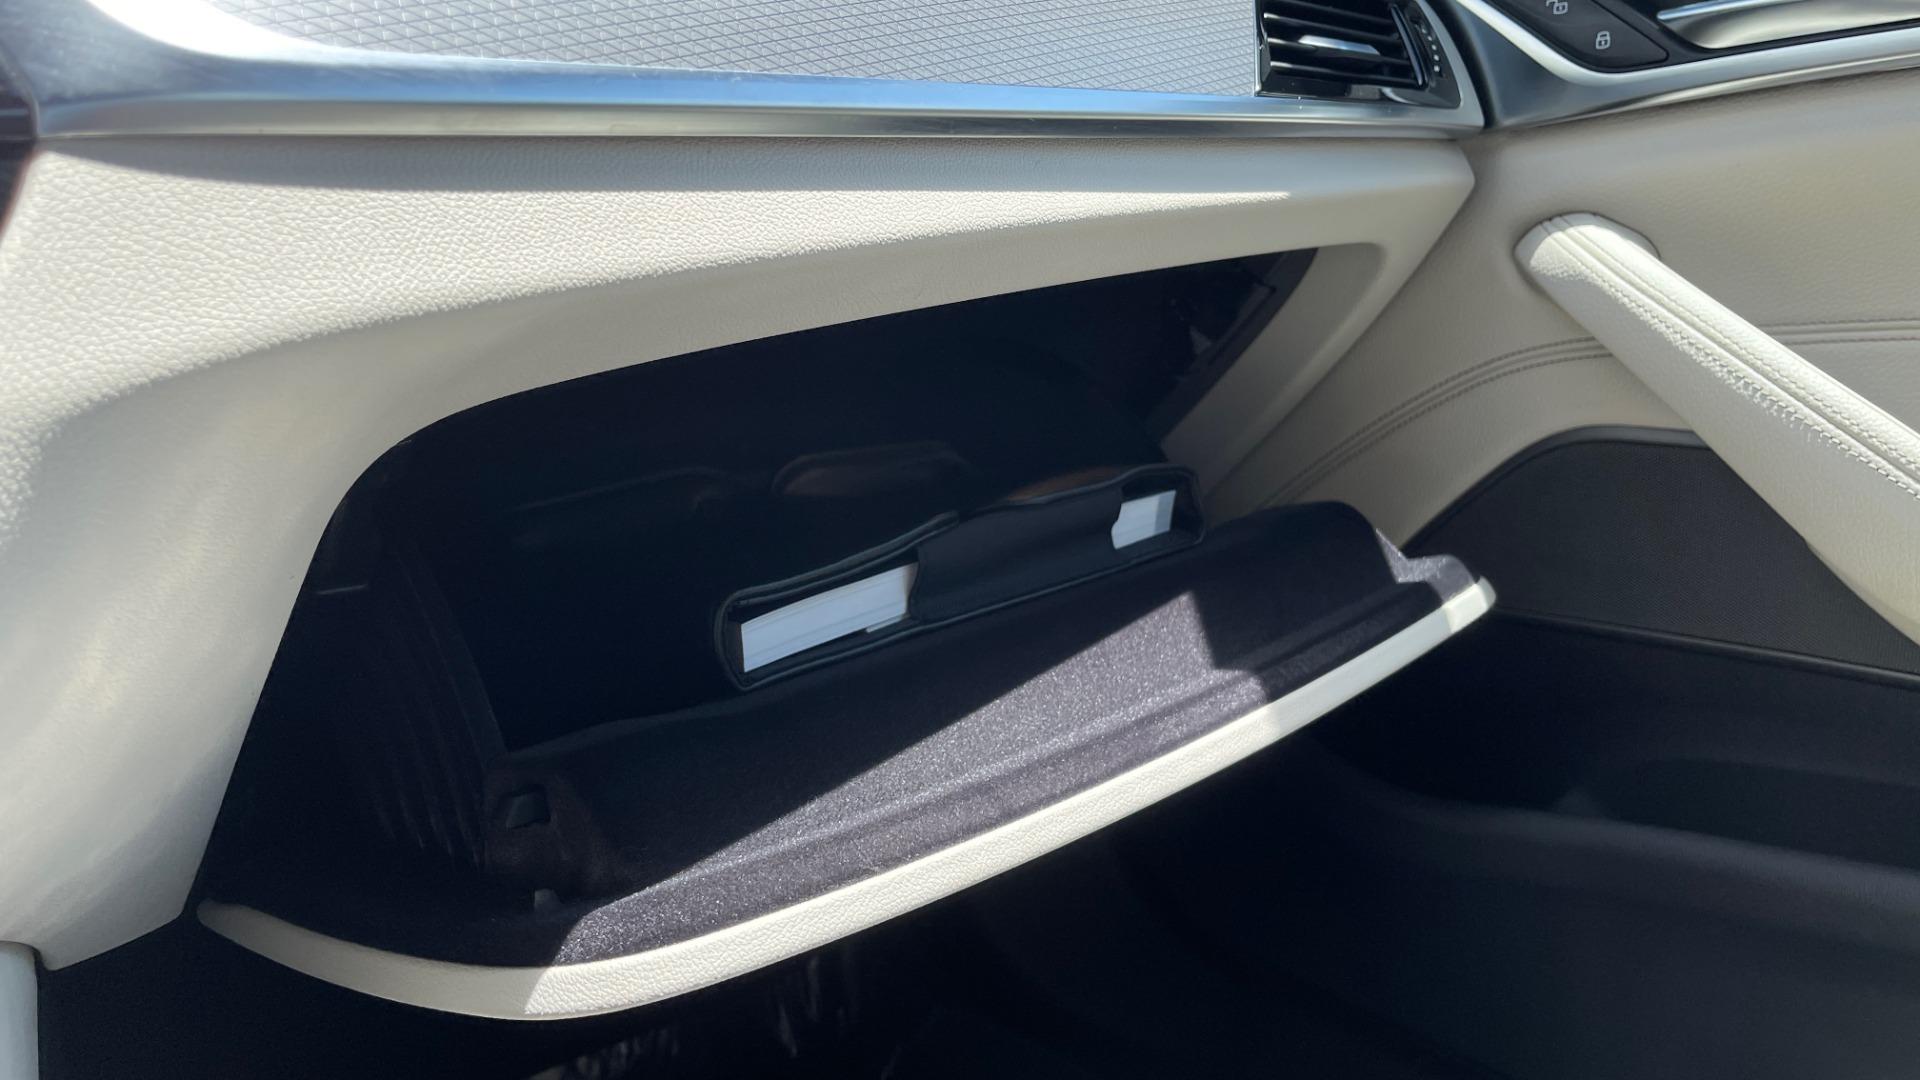 Used 2018 BMW 5 SERIES 540I M-SPORT / EXECUTIVE PKG / DRVR ASST PKG / BLIND SPOT / LANE DEPART for sale $40,995 at Formula Imports in Charlotte NC 28227 55